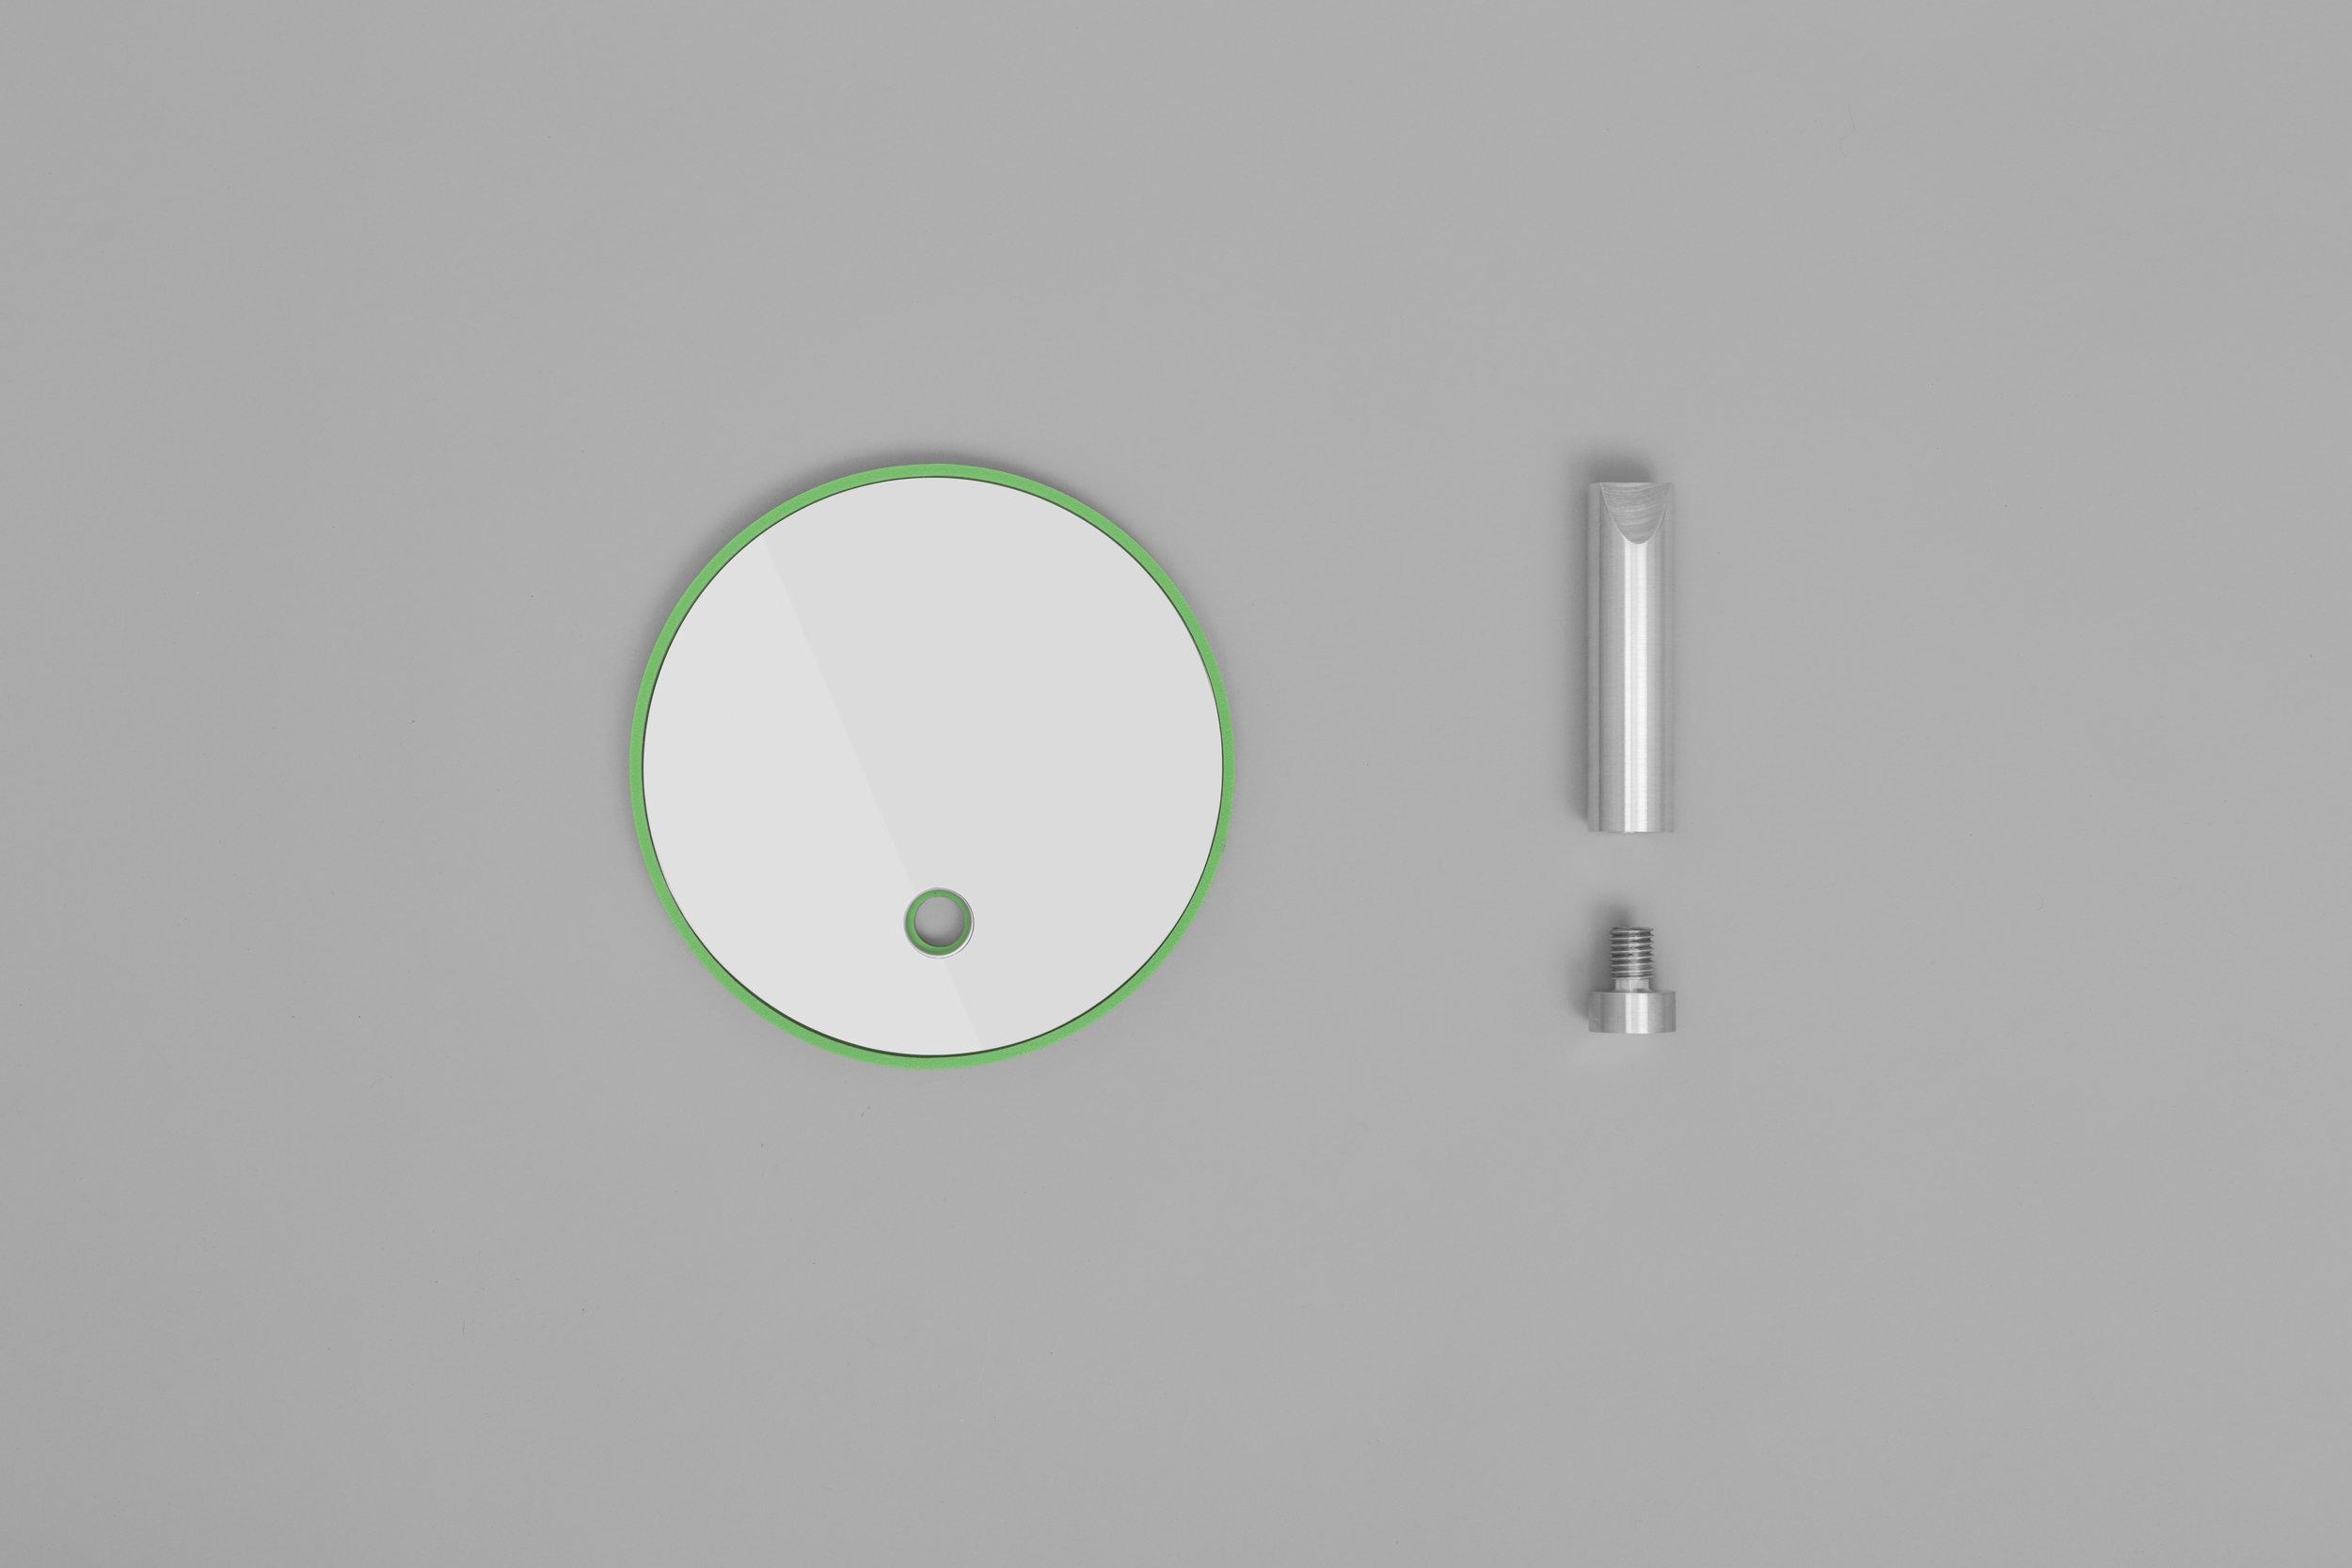 jorge-diego-etienne-círculos-35